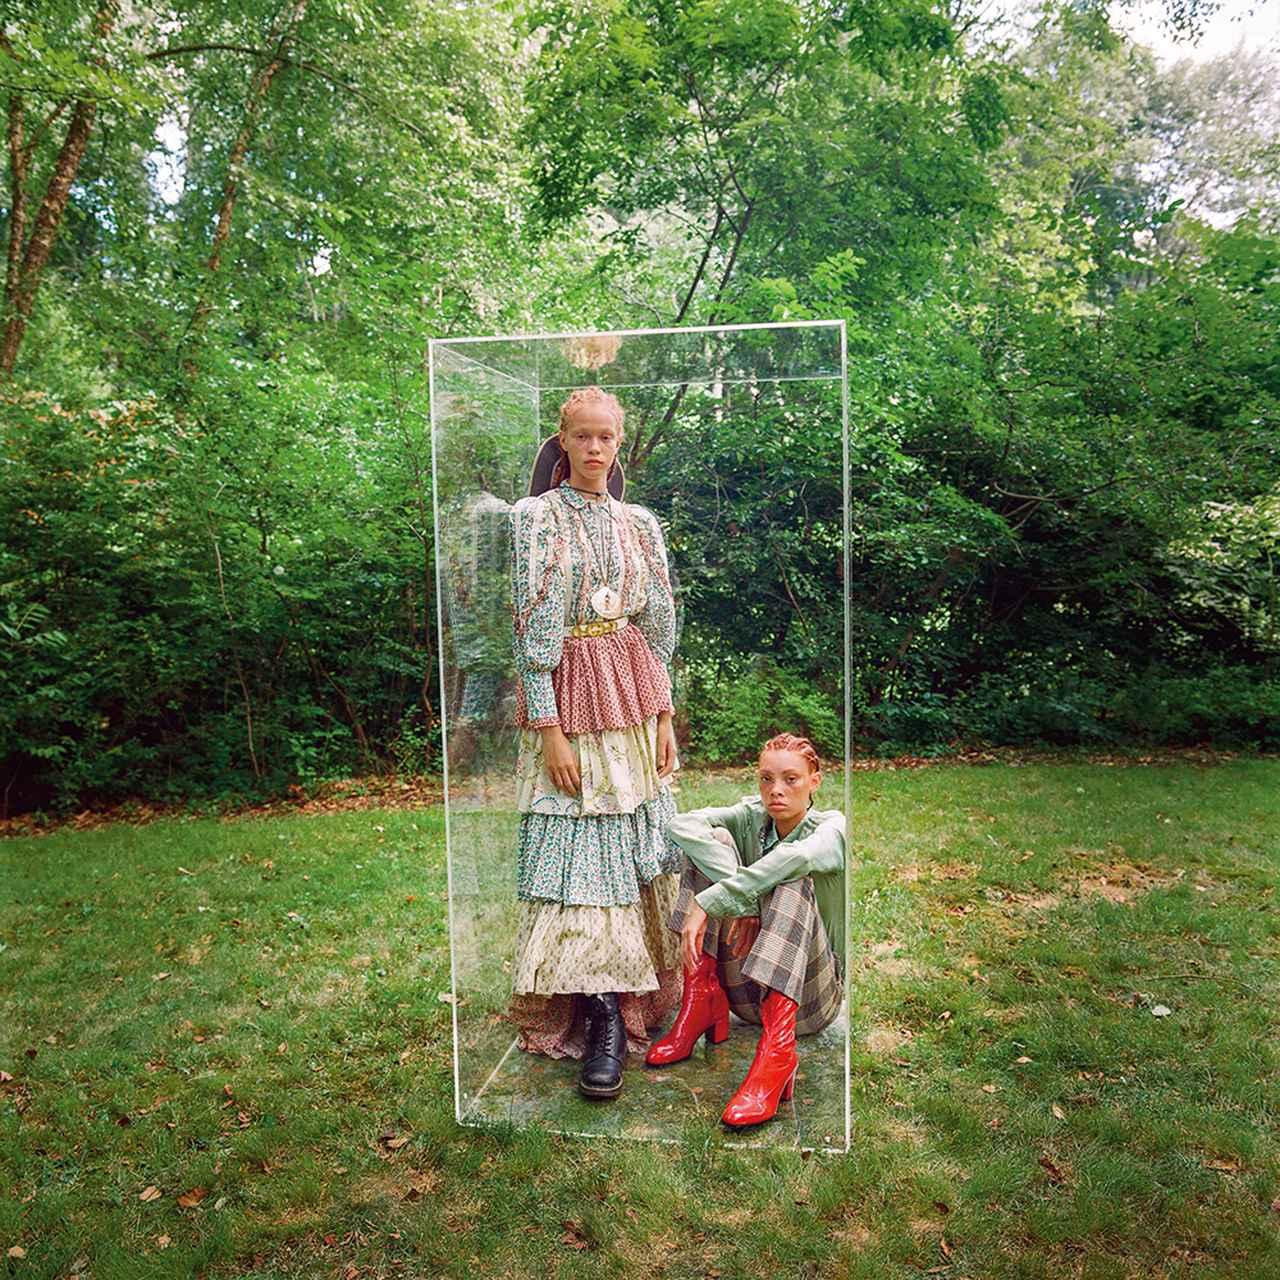 Images : 3番目の画像 - 「アレッサンドロ・ミケーレは こうしてグッチと、 ファッションの定義を革新した <前編>」のアルバム - T JAPAN:The New York Times Style Magazine 公式サイト